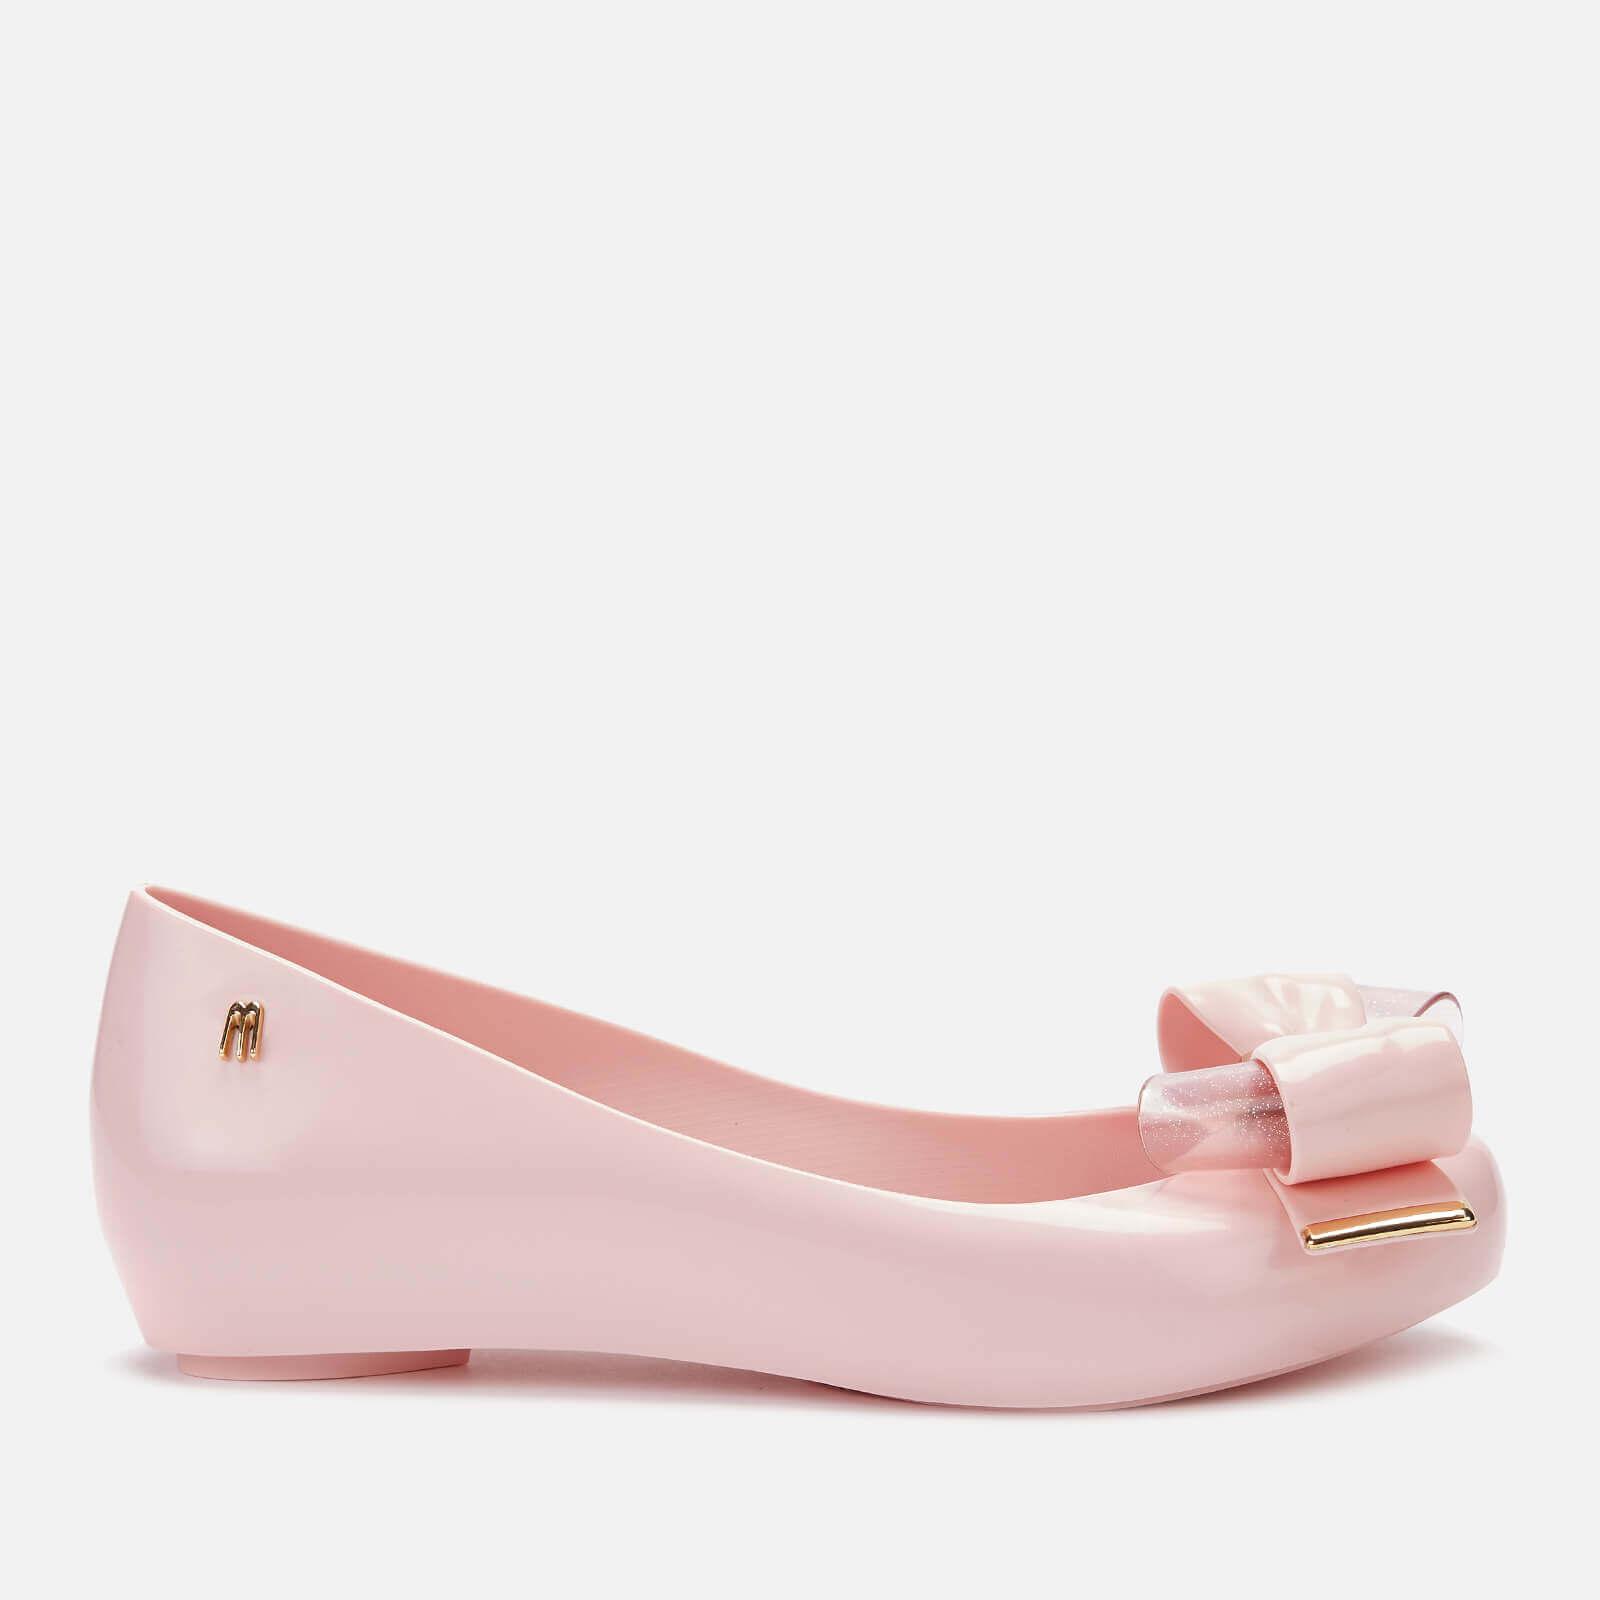 Melissa Women's Ultragirl Sweet 22 Ballet Flats - Light Pink - UK 4 - Pink